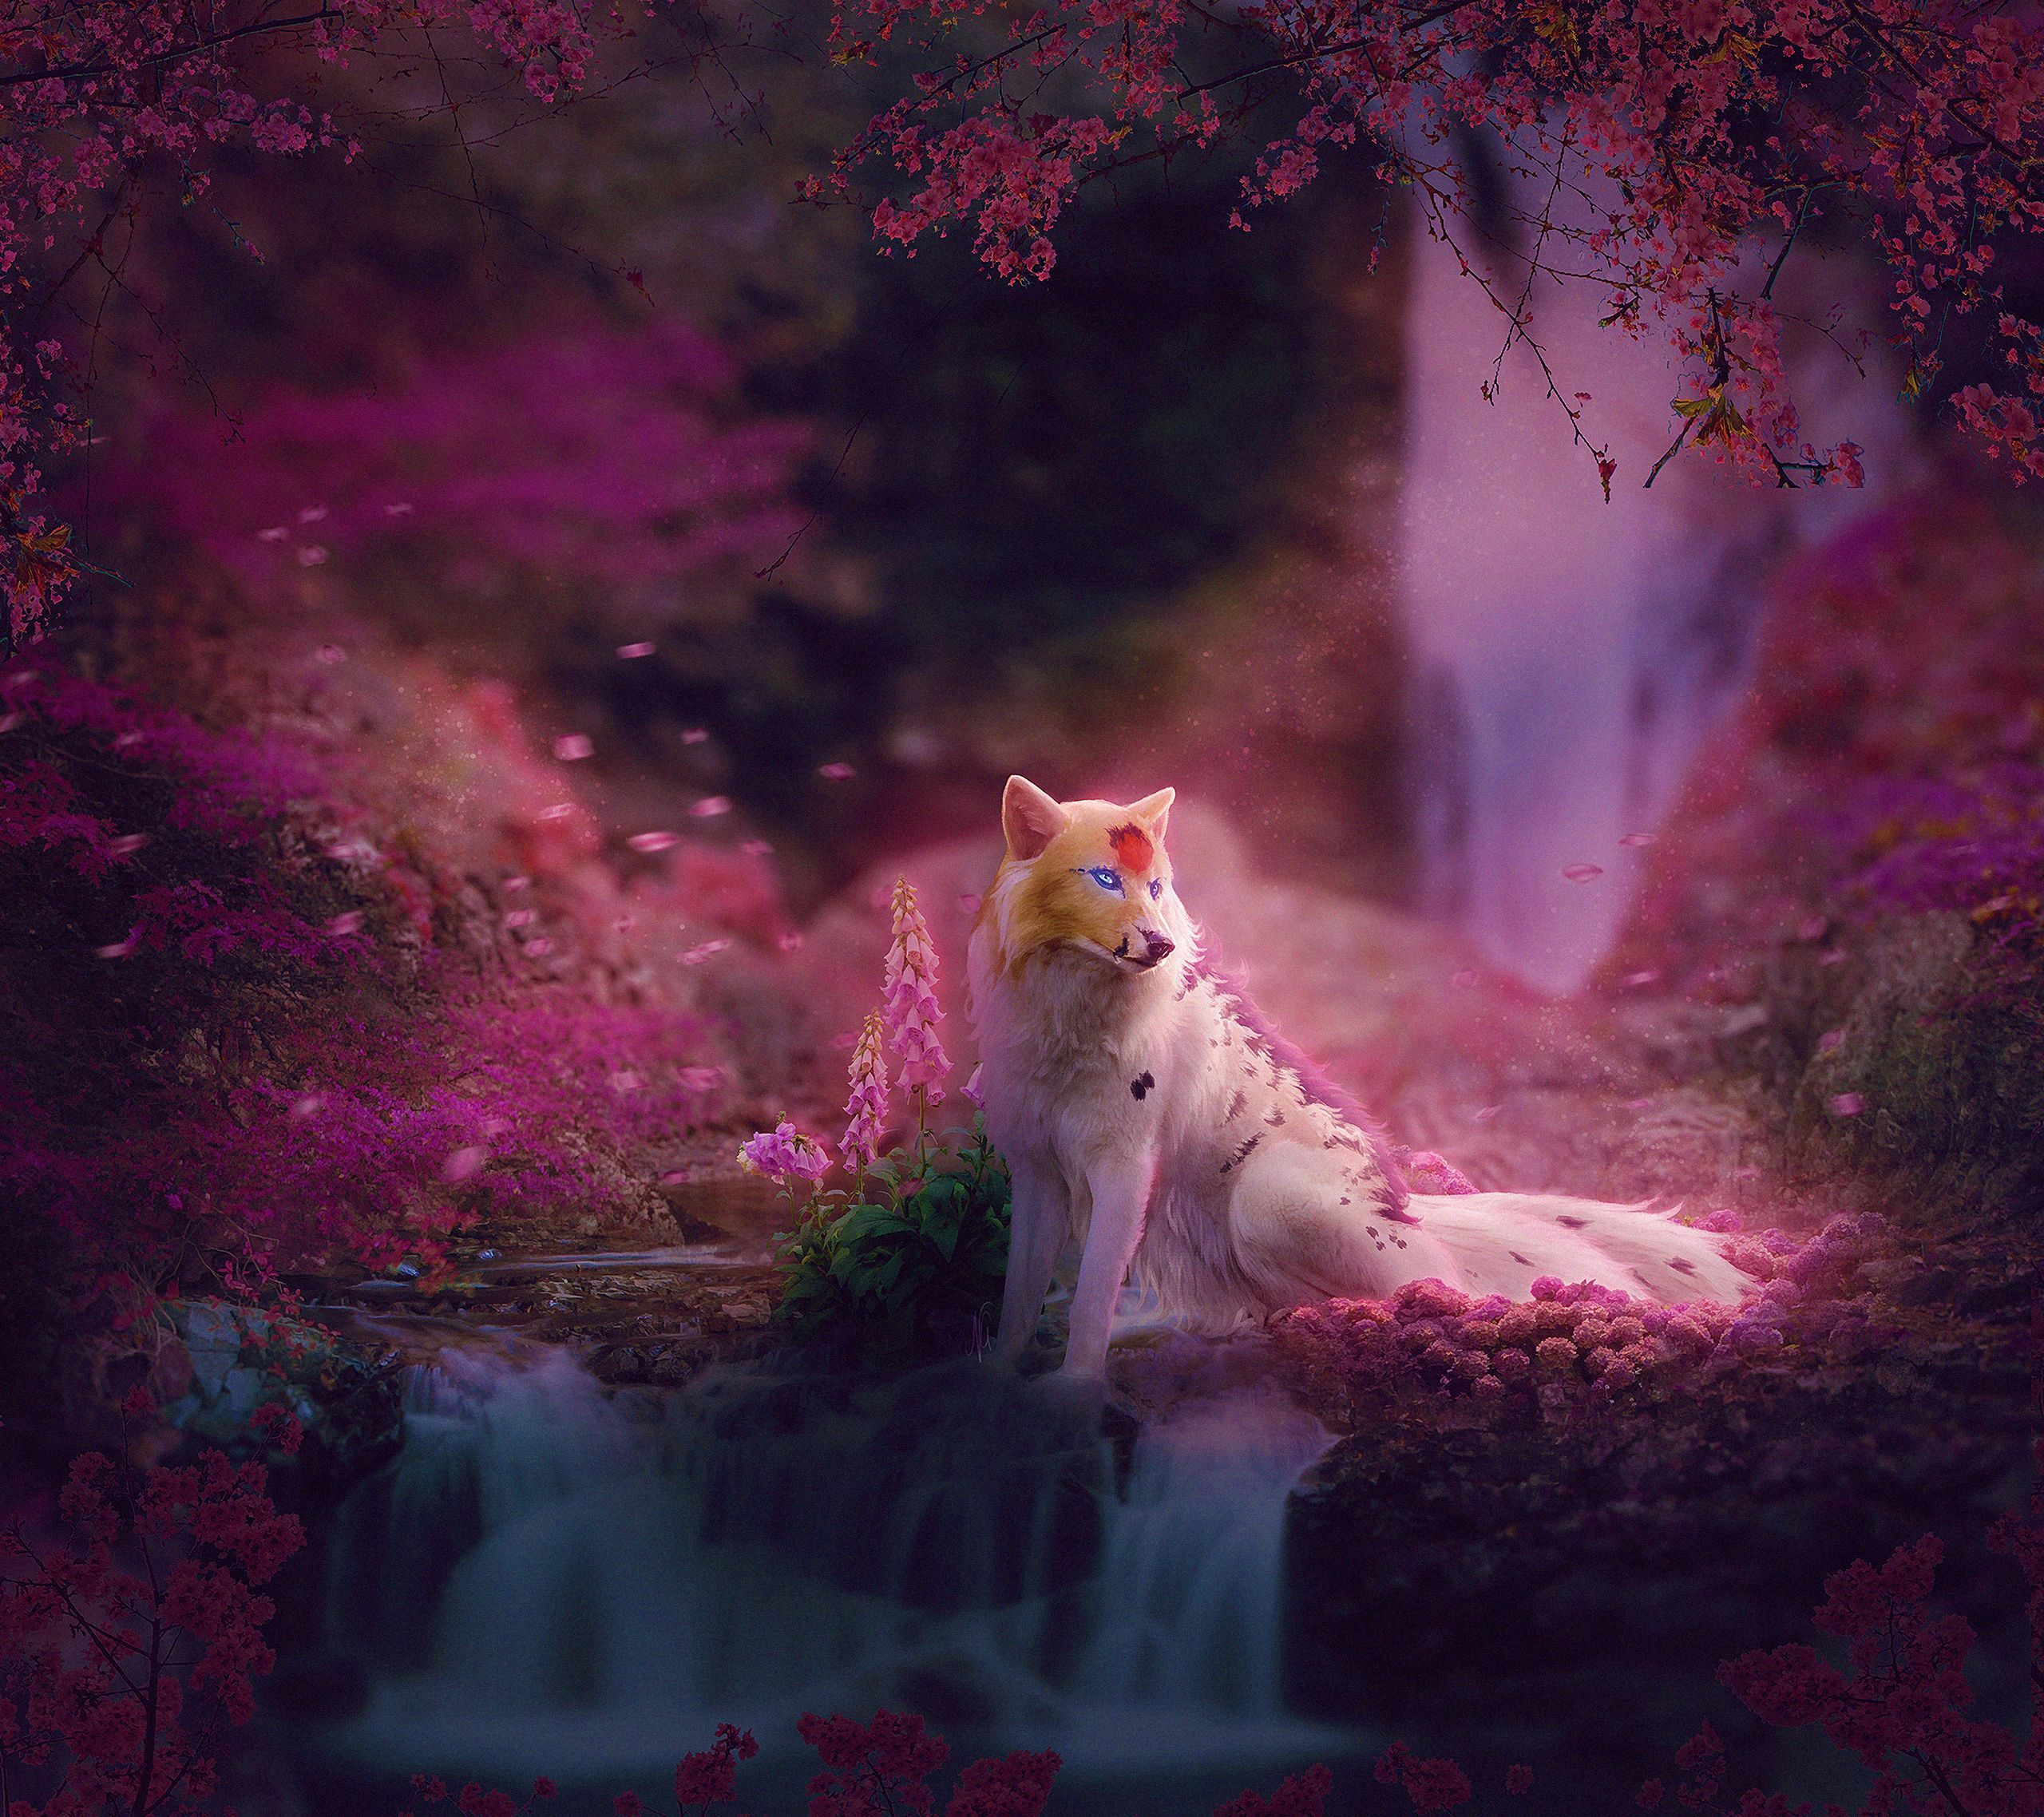 Fantasy Fox Fantasy Animals Hd Wallpaper Background Image Jpg Trend Fox Fantasy Wallpaper Backgrounds Hd Wallpaper